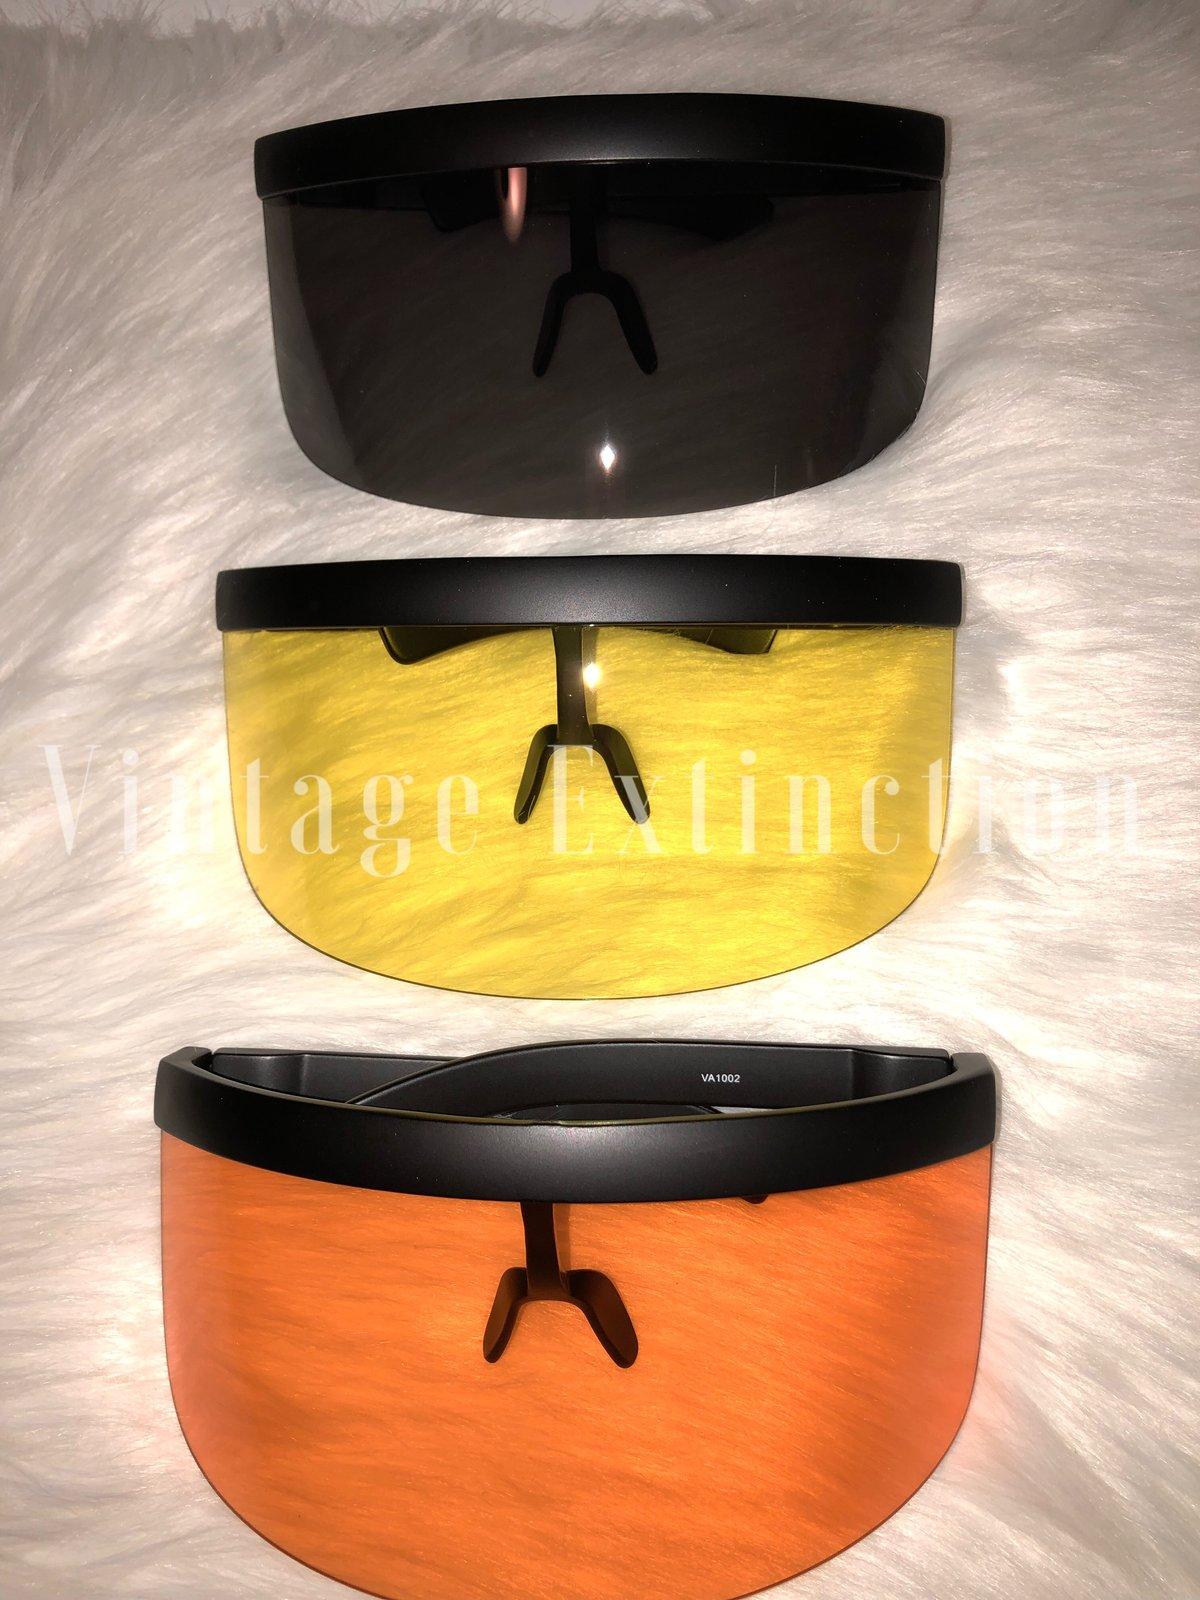 Image of Unisex Visor Frames